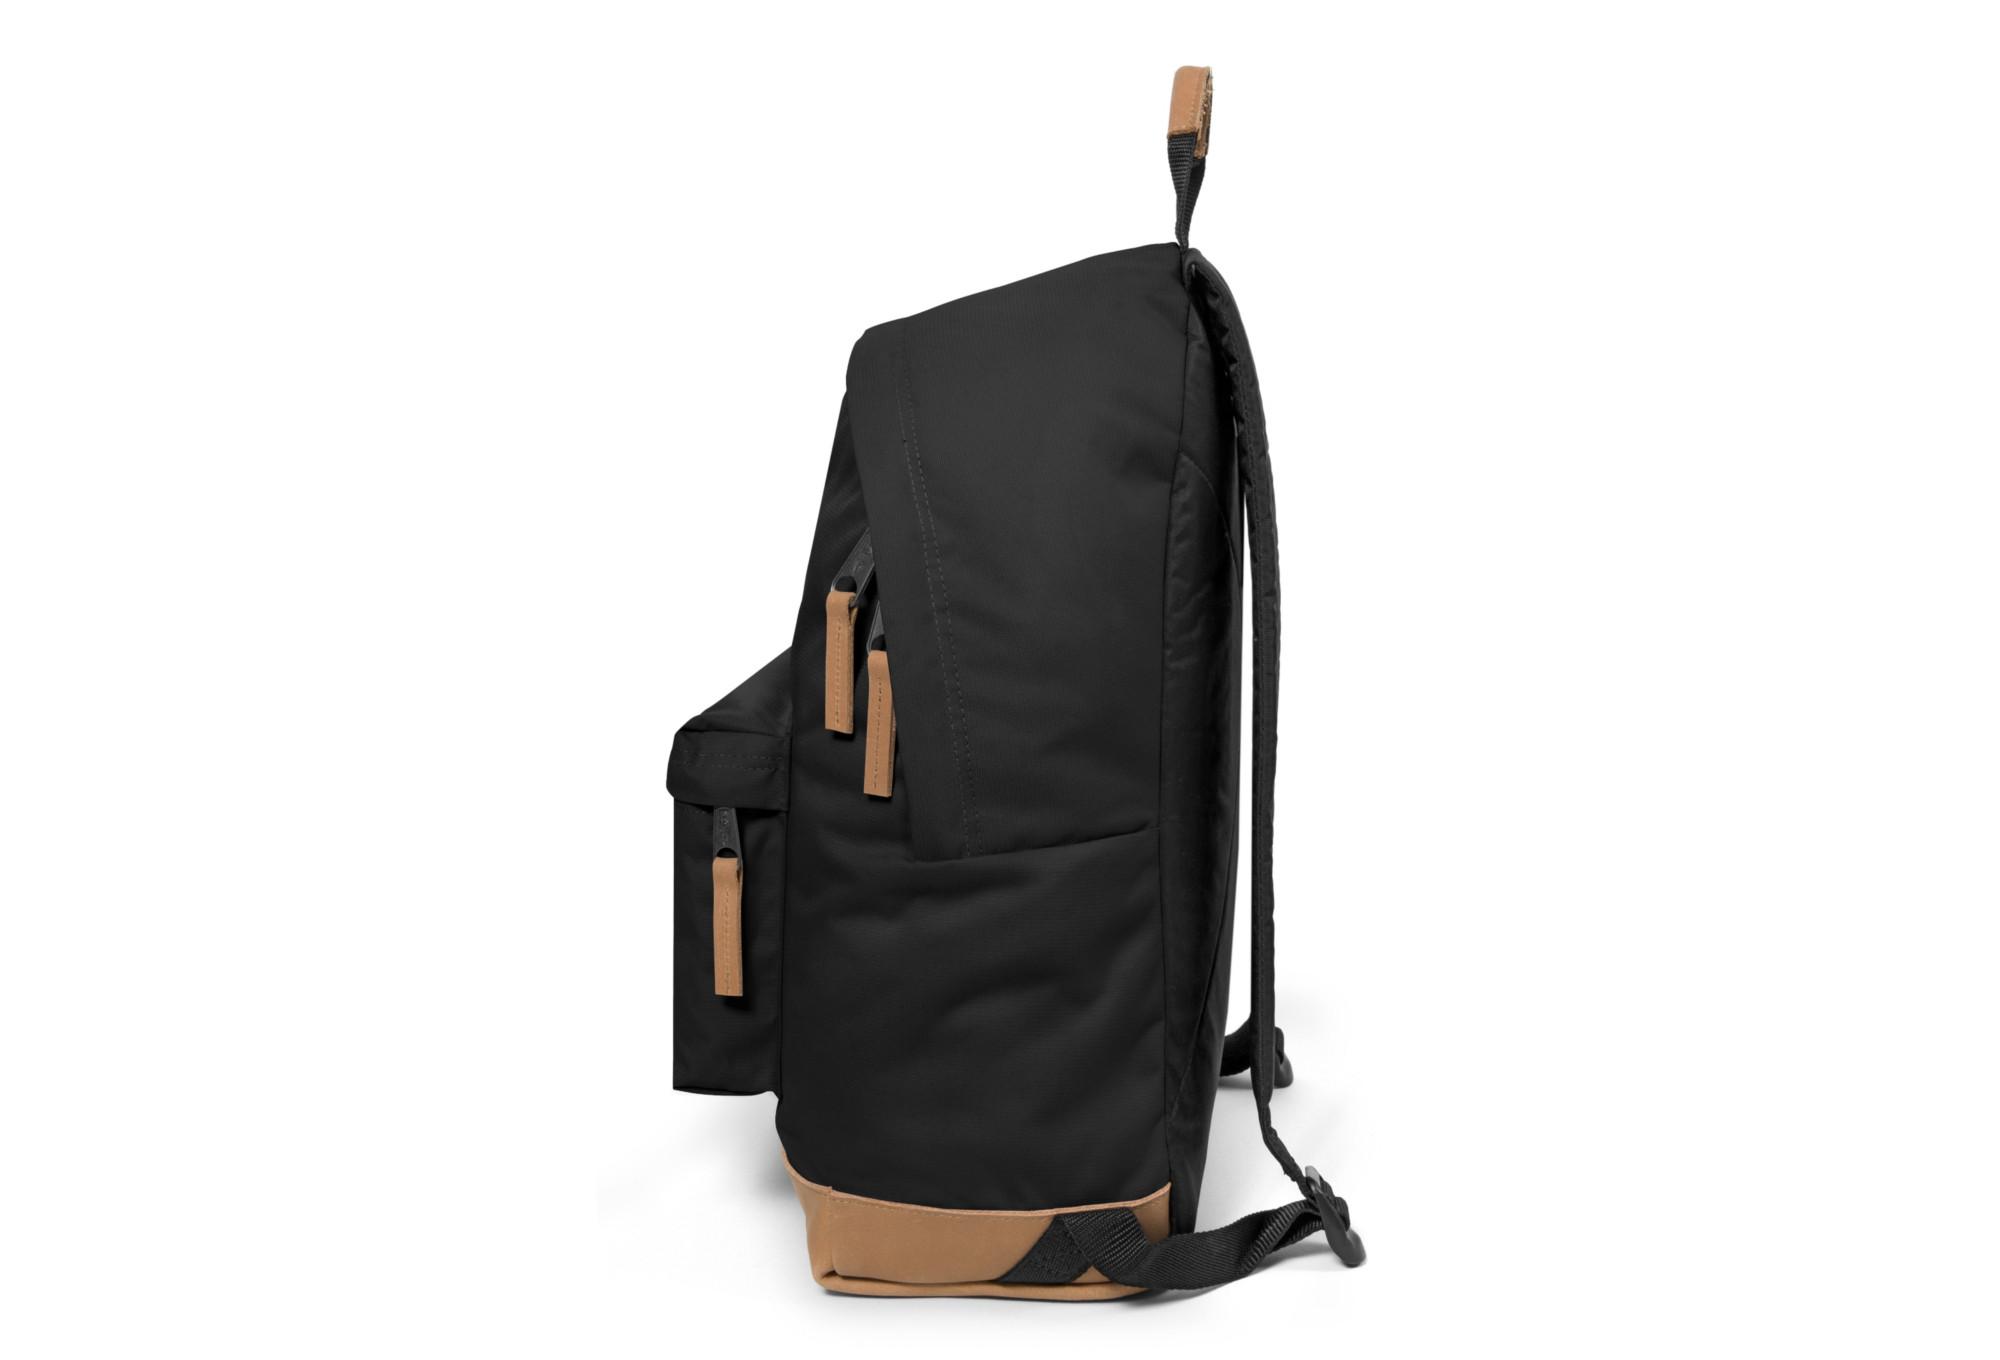 sac dos eastpak wyoming into noir. Black Bedroom Furniture Sets. Home Design Ideas